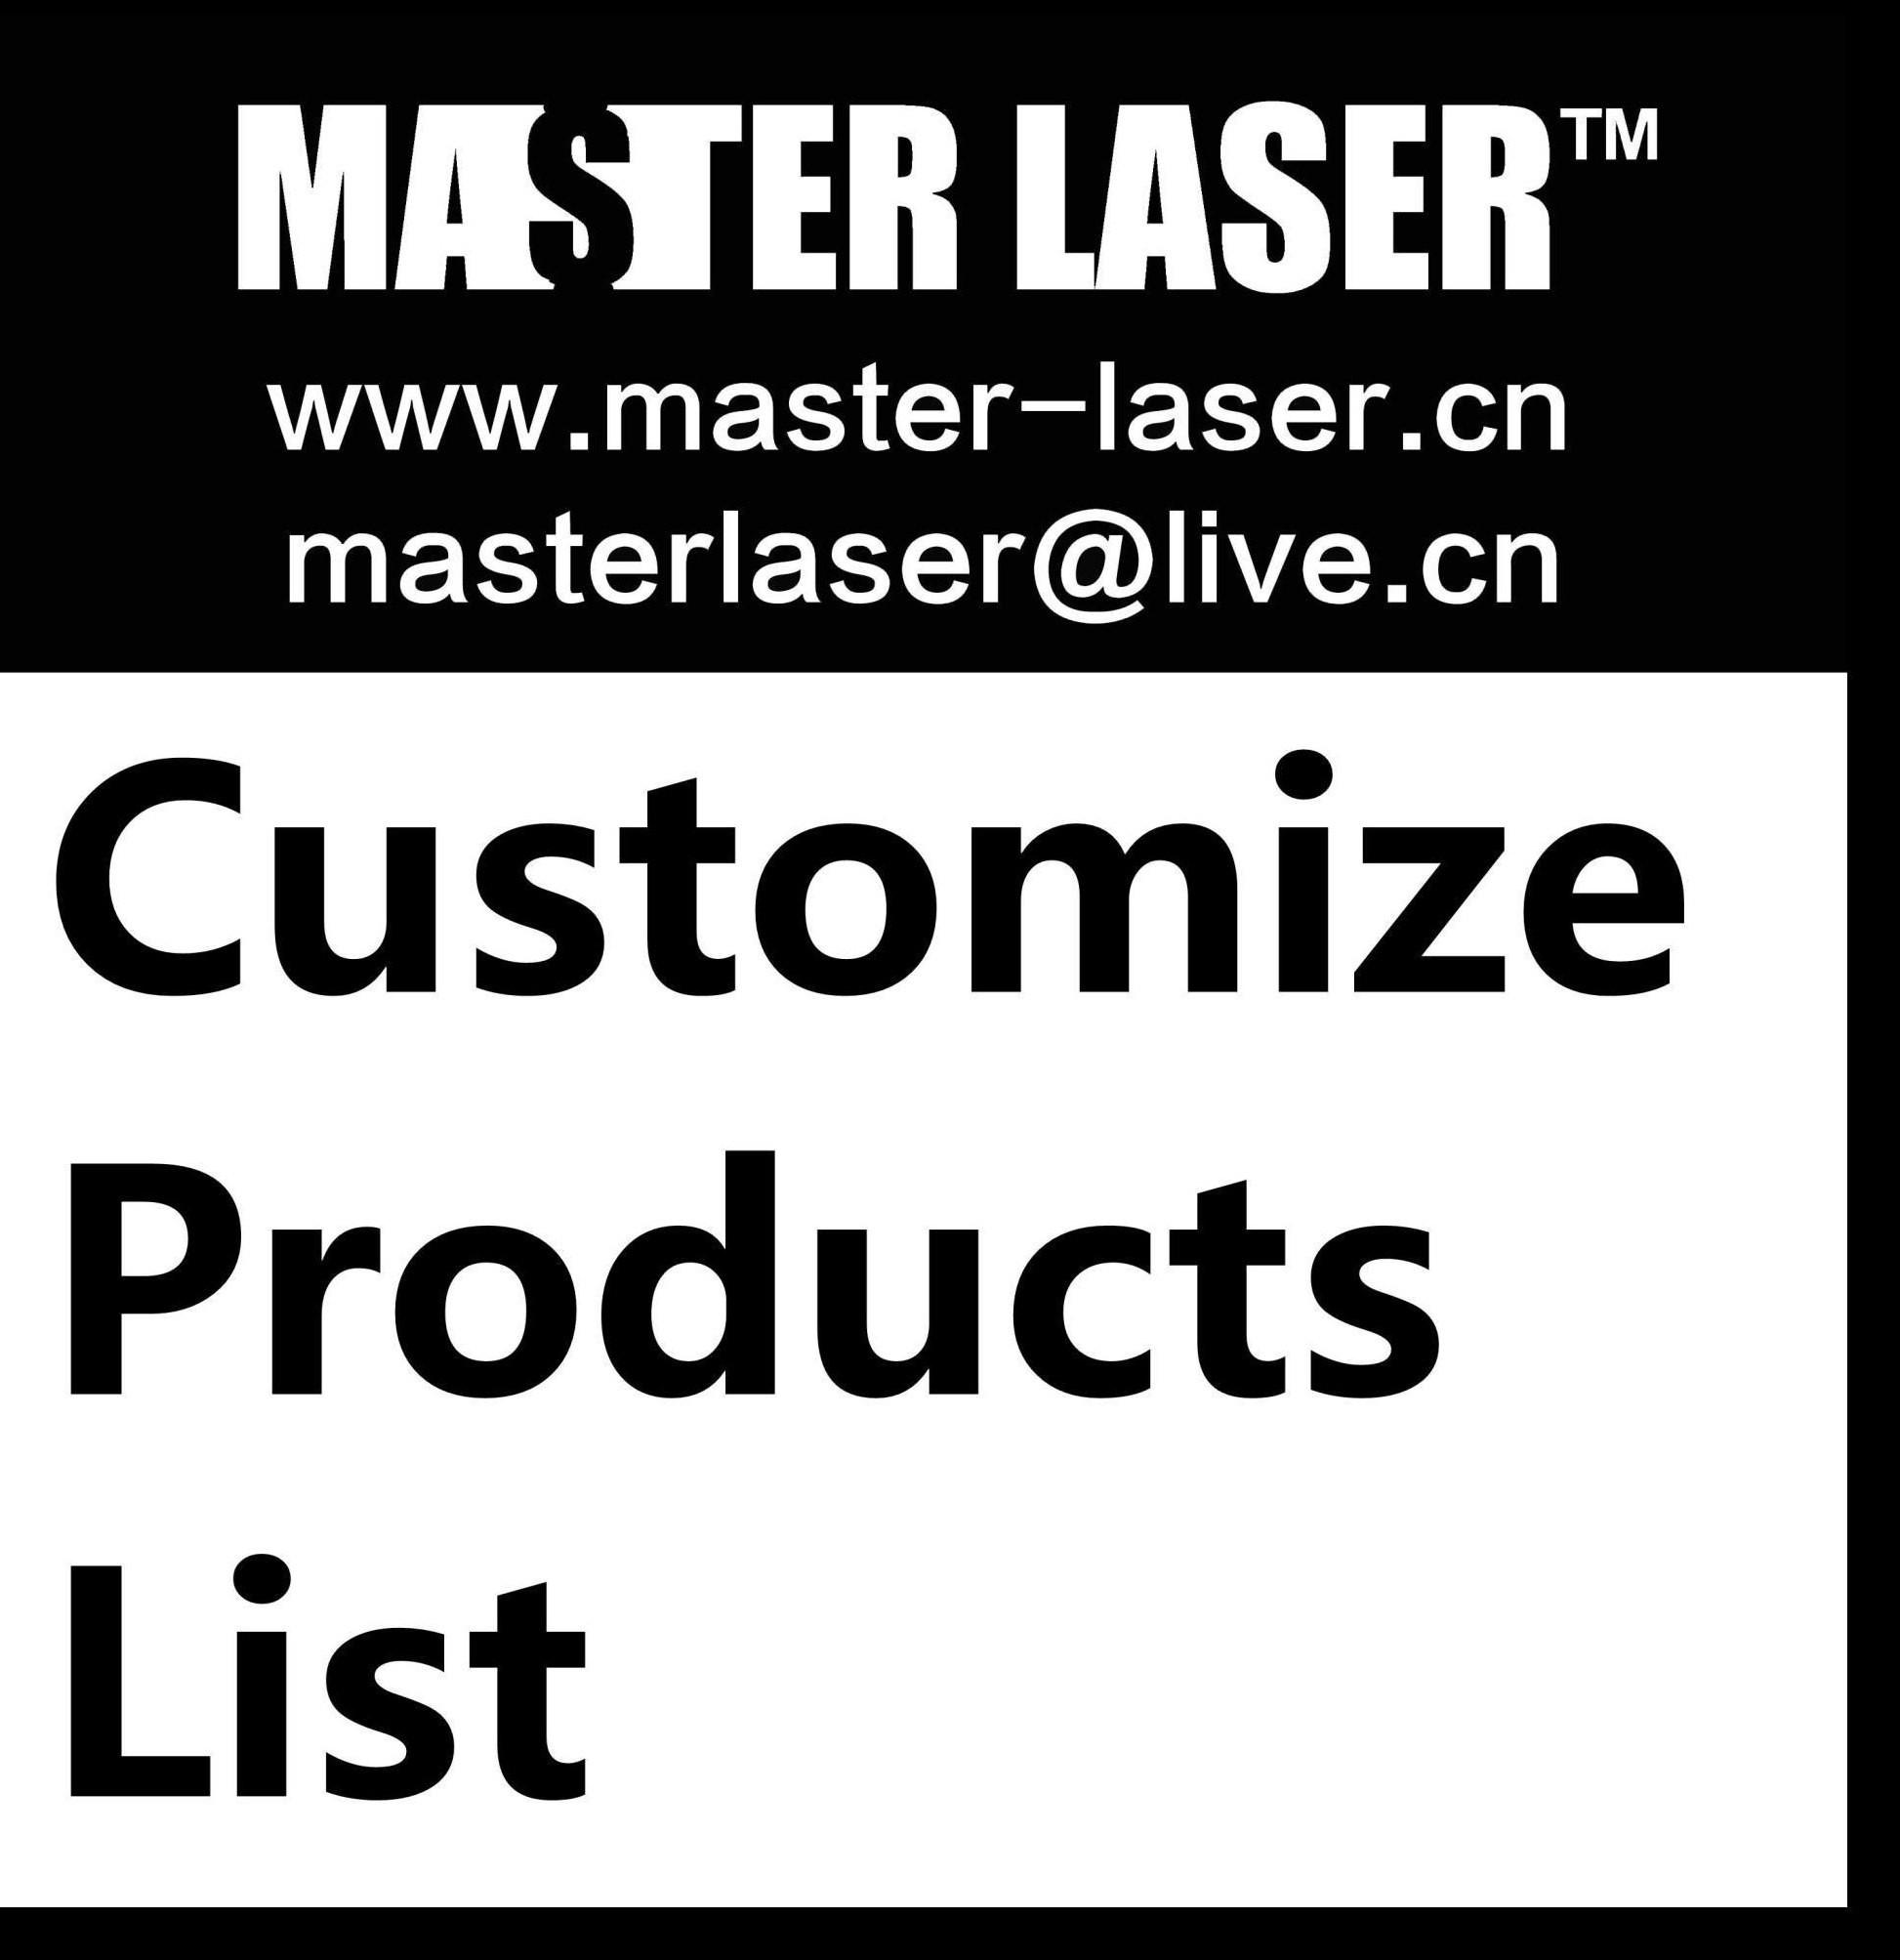 Produtos personalizados List pi 03